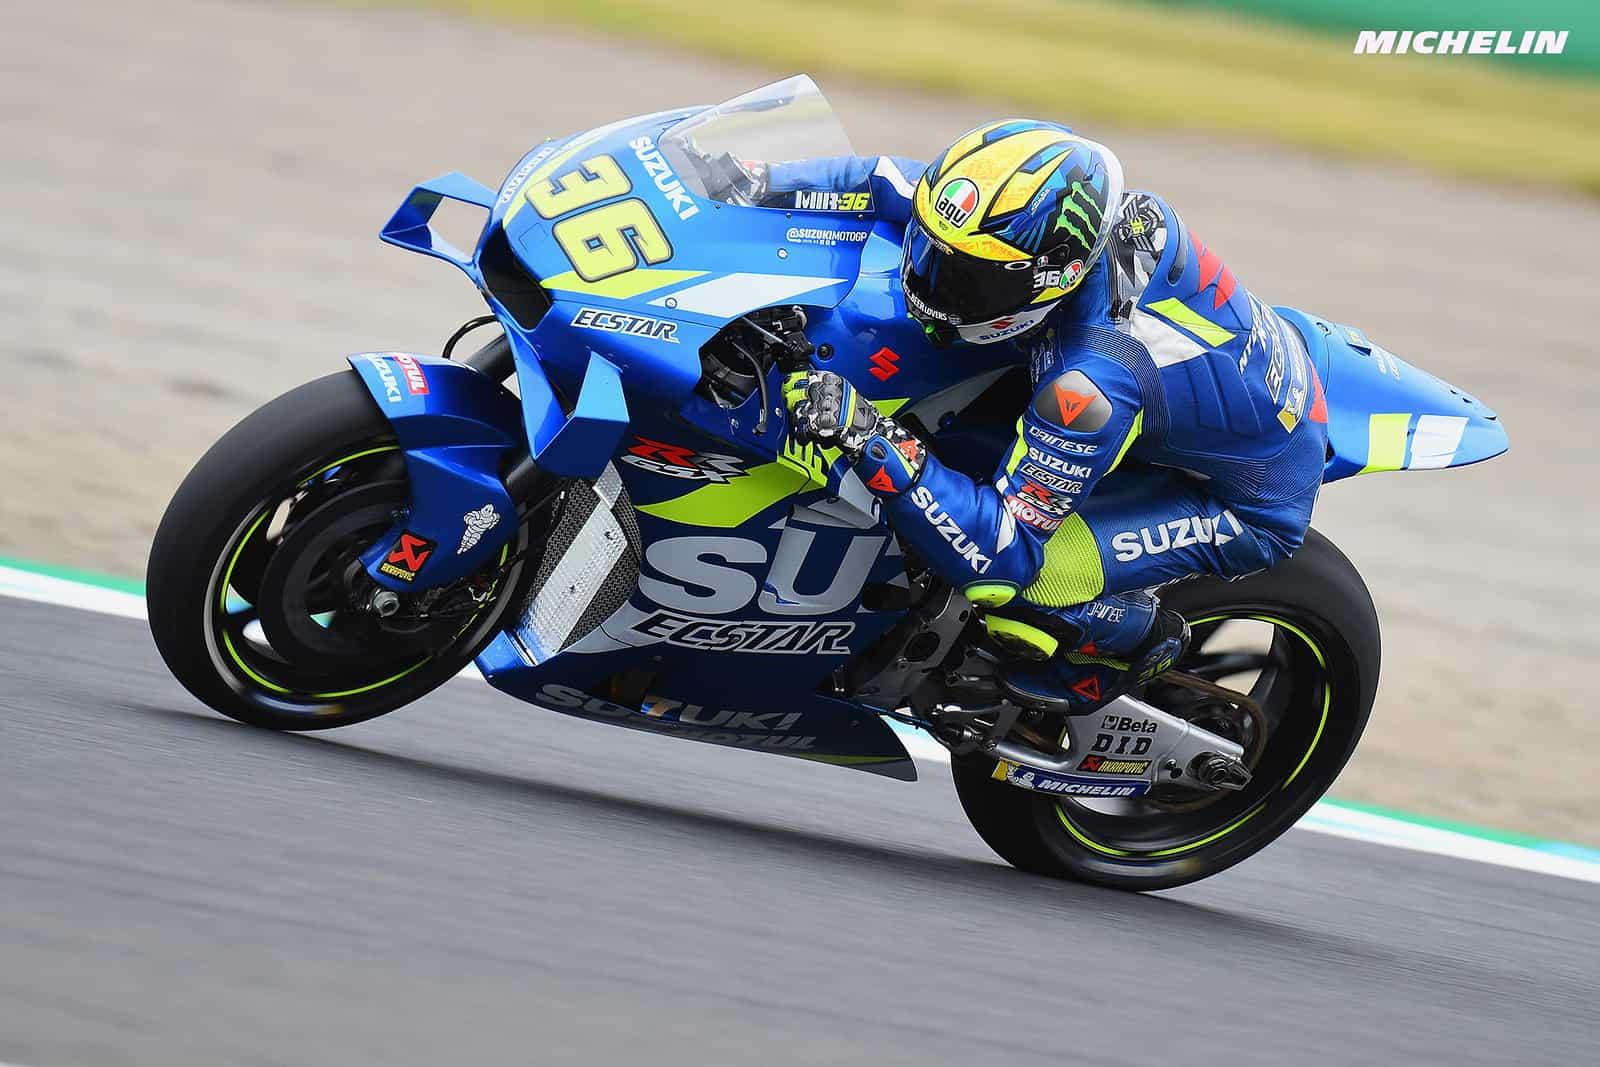 MotoGP2019日本GP 予選12位ミル「最後のタイムアタックでミスをしてしまった」